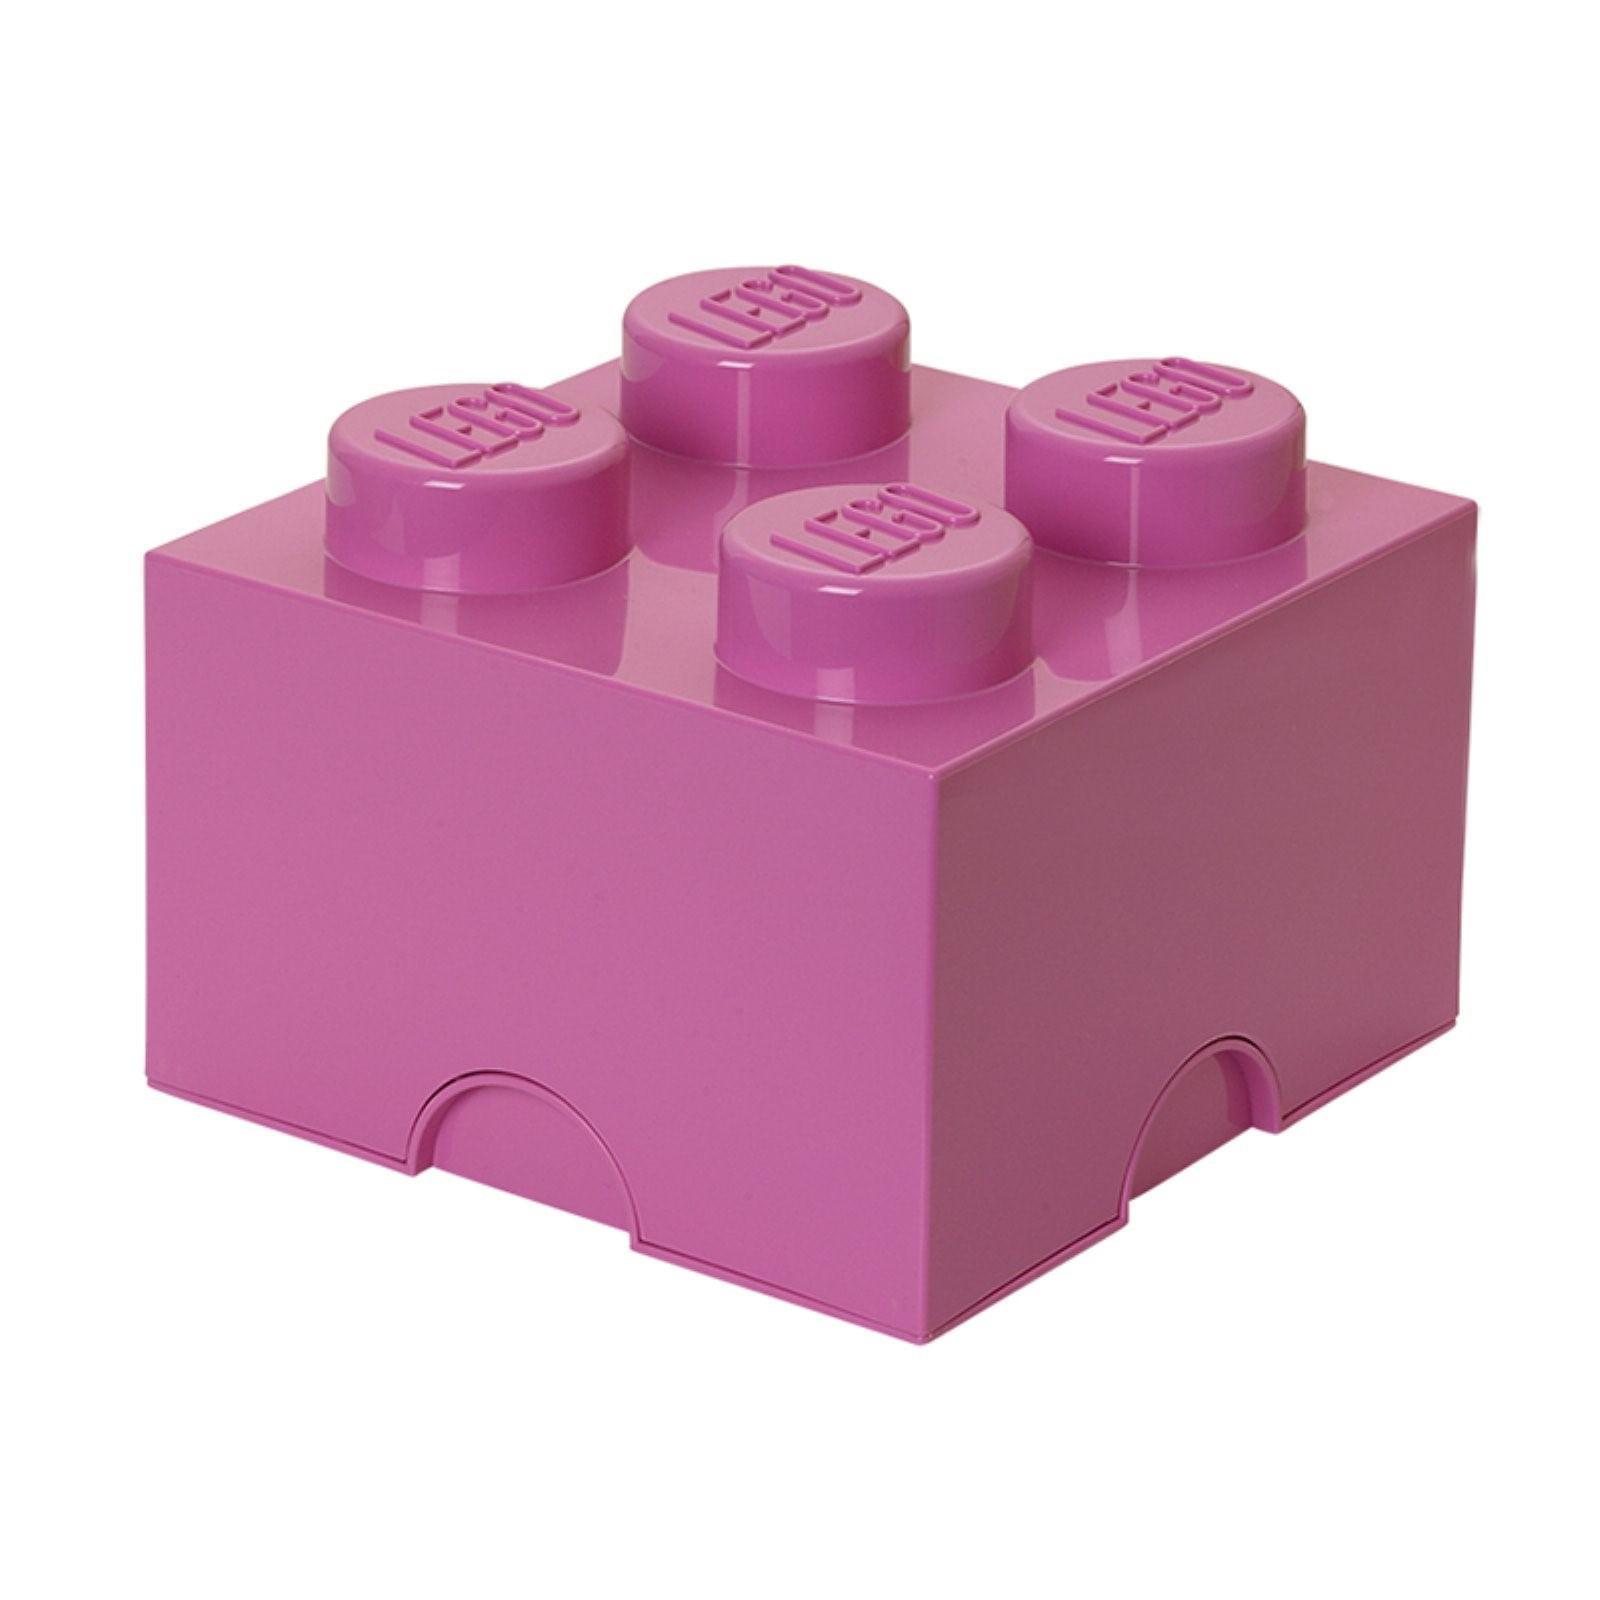 Lego 4 Trans Dark Purple 1x1 brick block NEW